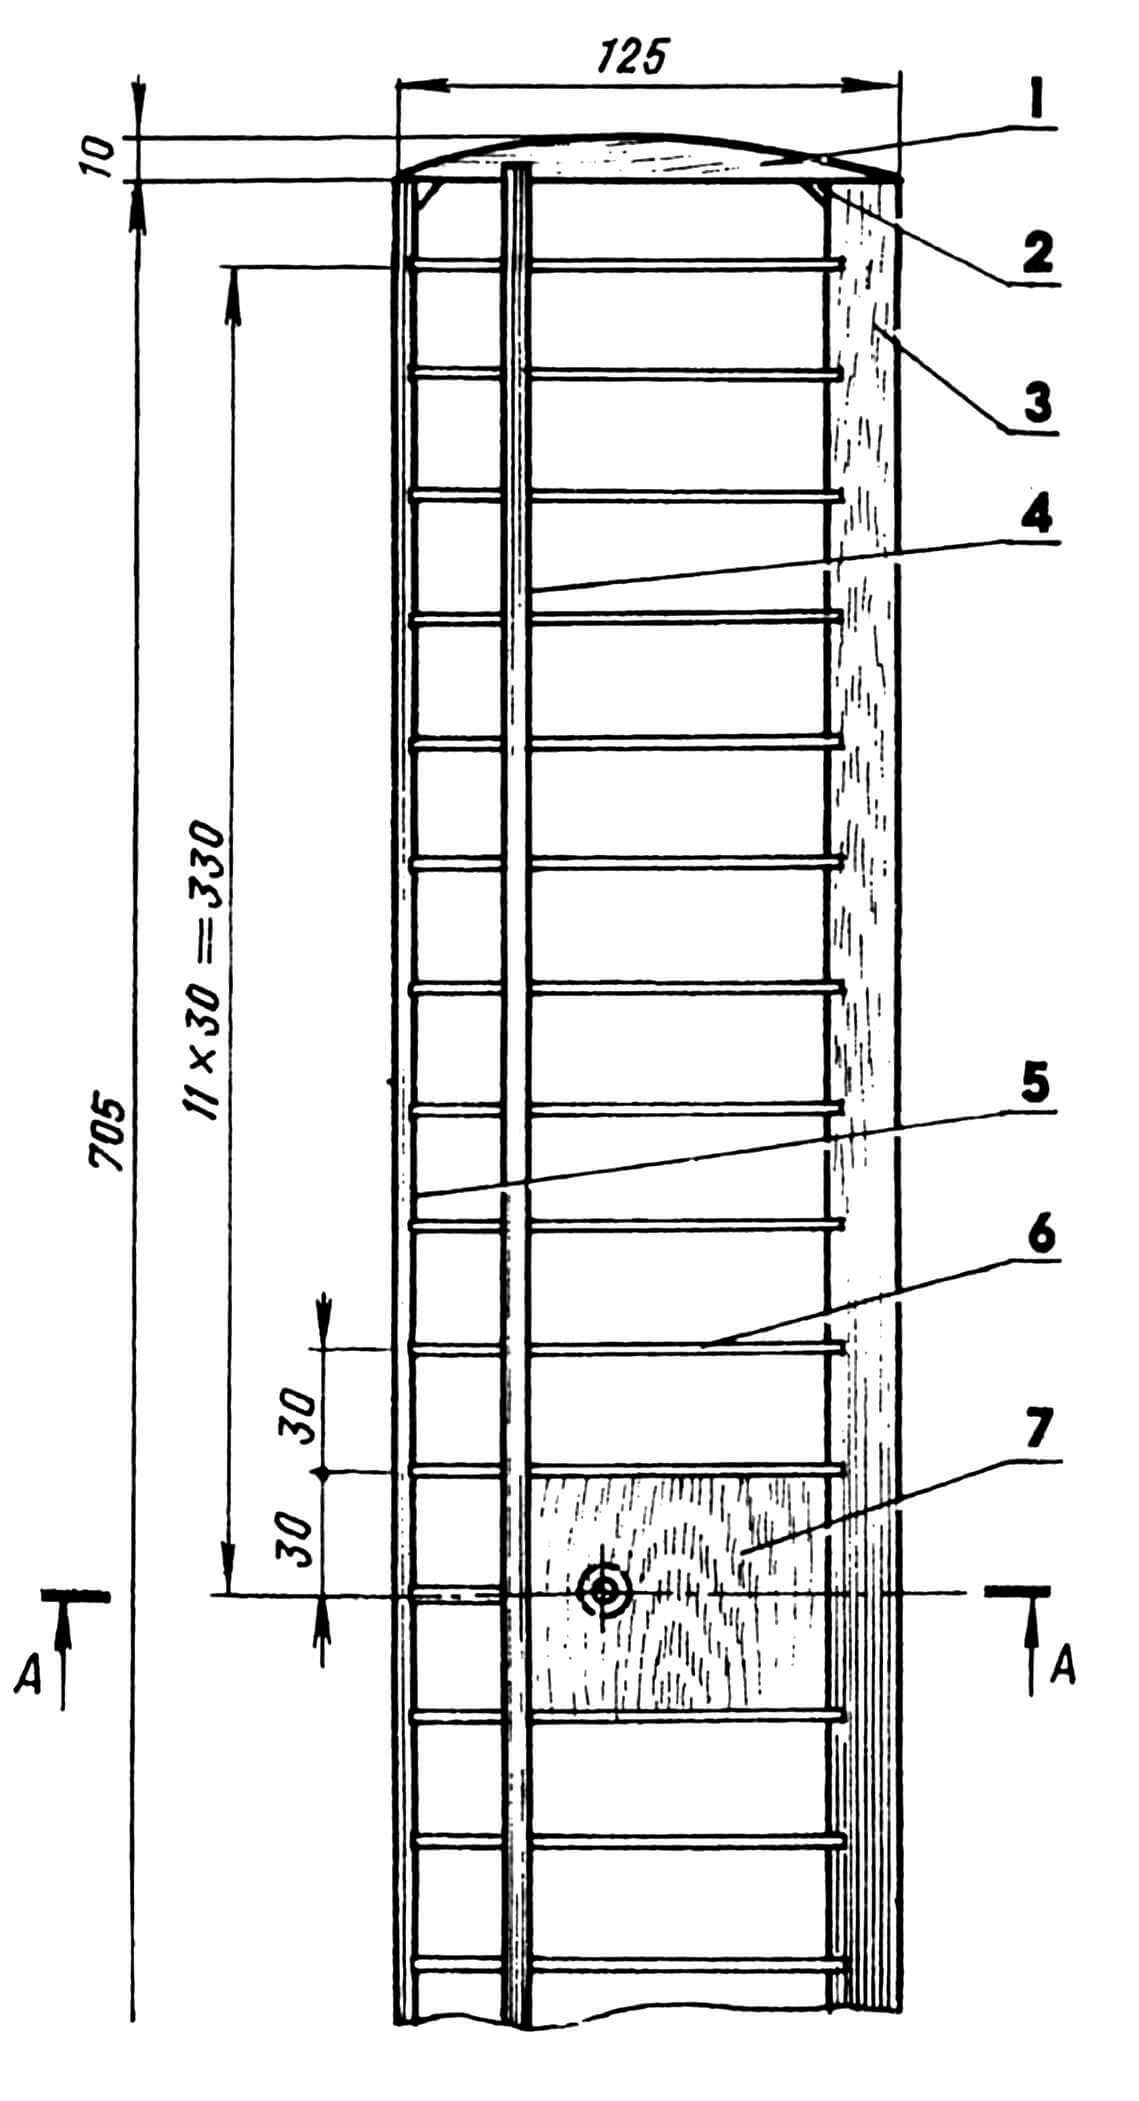 Крыло:1 — законцовка (липа, рейка 15x10); 2 — косынка усиливающая (фанера березовая, s2); 3 — кромка задняя (сосна, рейка 15x5); 4 — лонжерон (сосна, рейка 6x4); 5 — носок крыла (сосна, рейка 8x5); 6 — нервюра (фанера березовая или школьная линейка, s1...2); 7 — зашивка центральной части (шпон s2); 8 — бобышка (сосна).